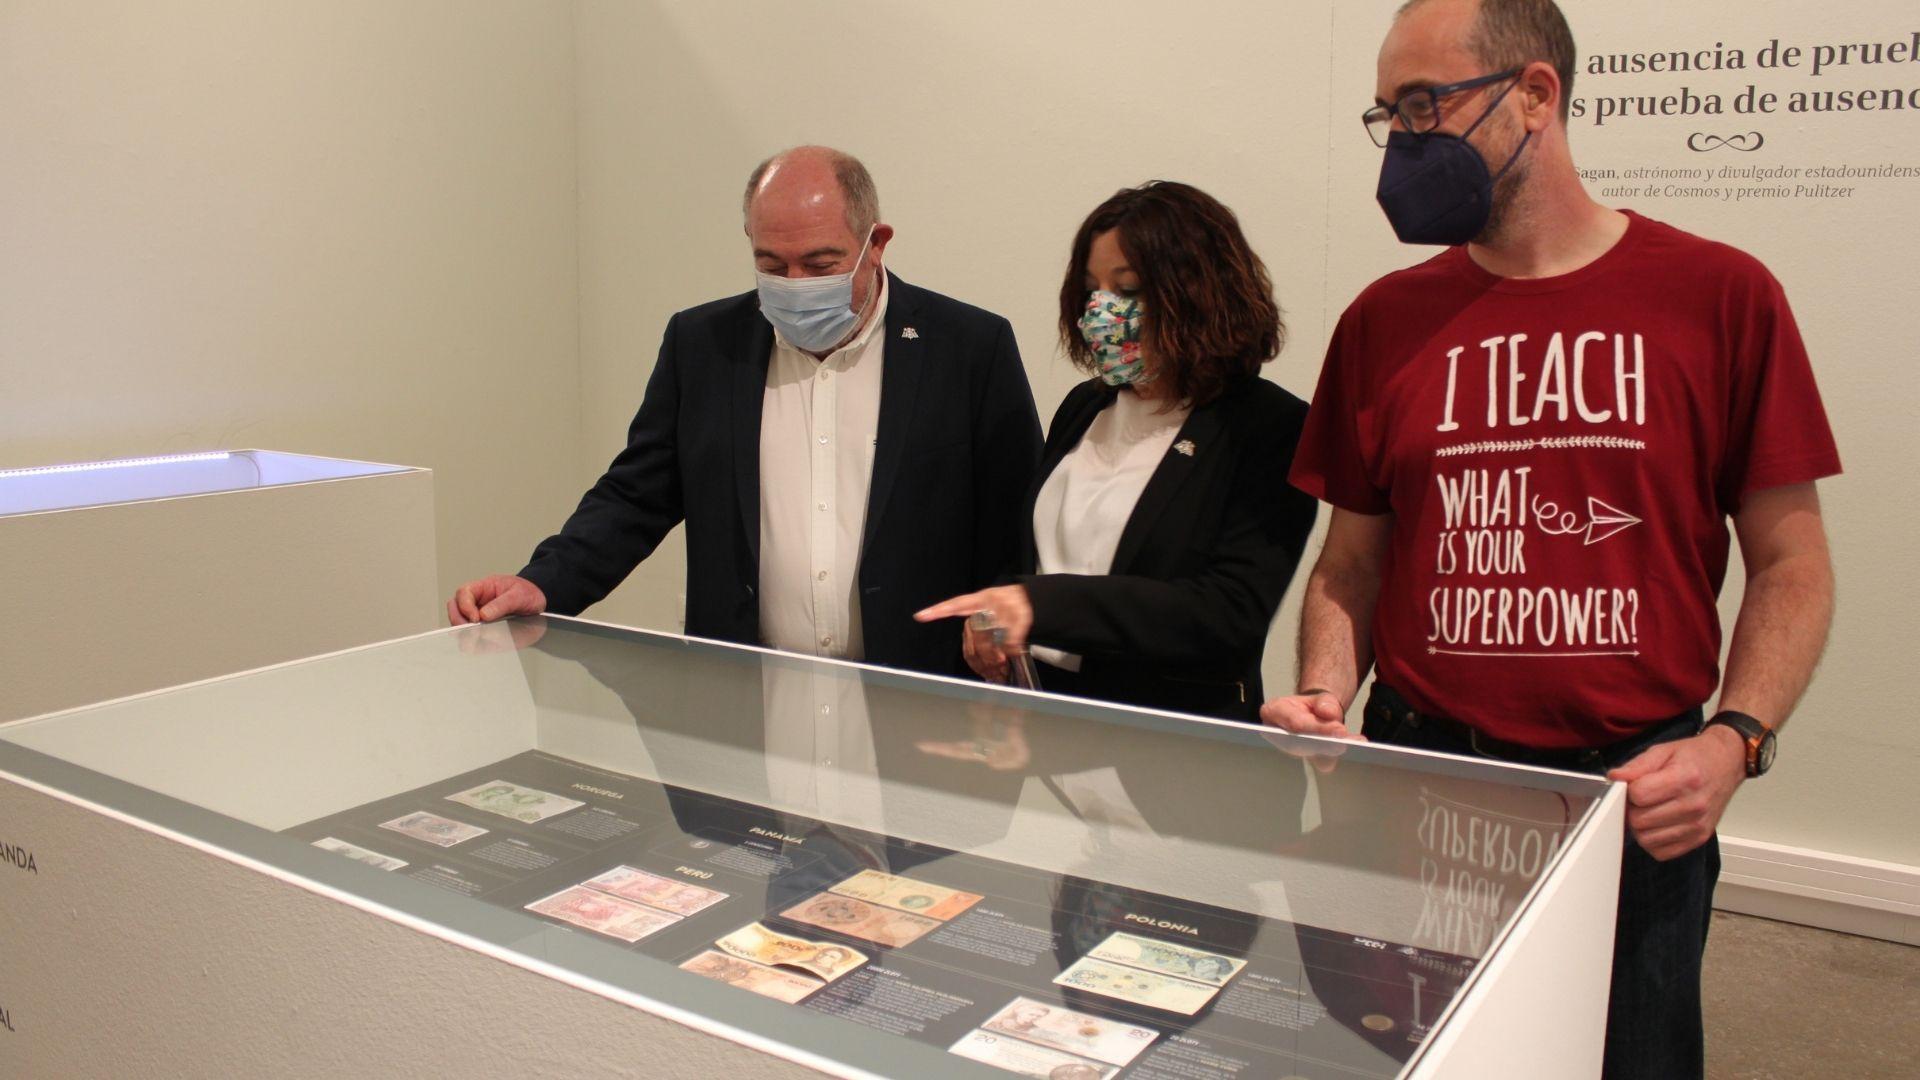 De izquierda a derecha, los vicerrectores Carmen Adams y Antonio Fueyo; y el comisario de la muestra José Manuel Montejo